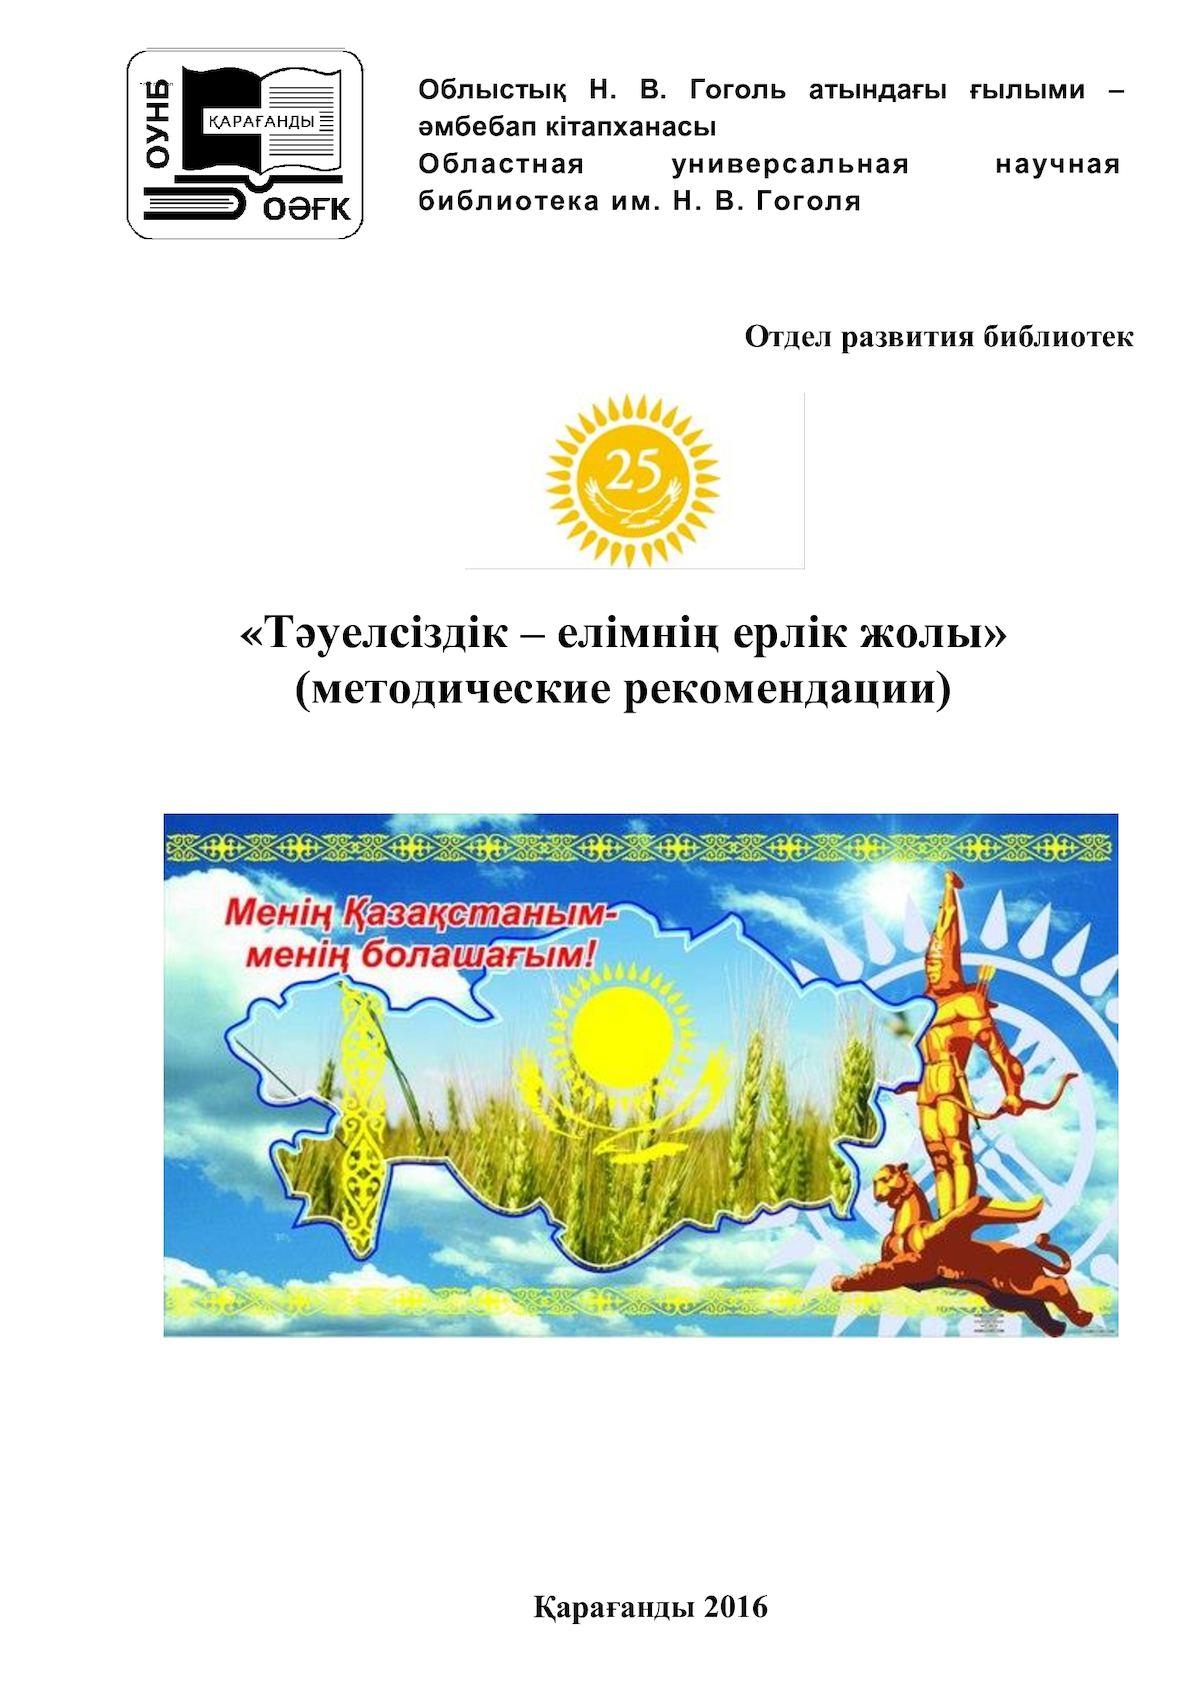 телефонный справочник темиртау 2011 скачать бесплатно